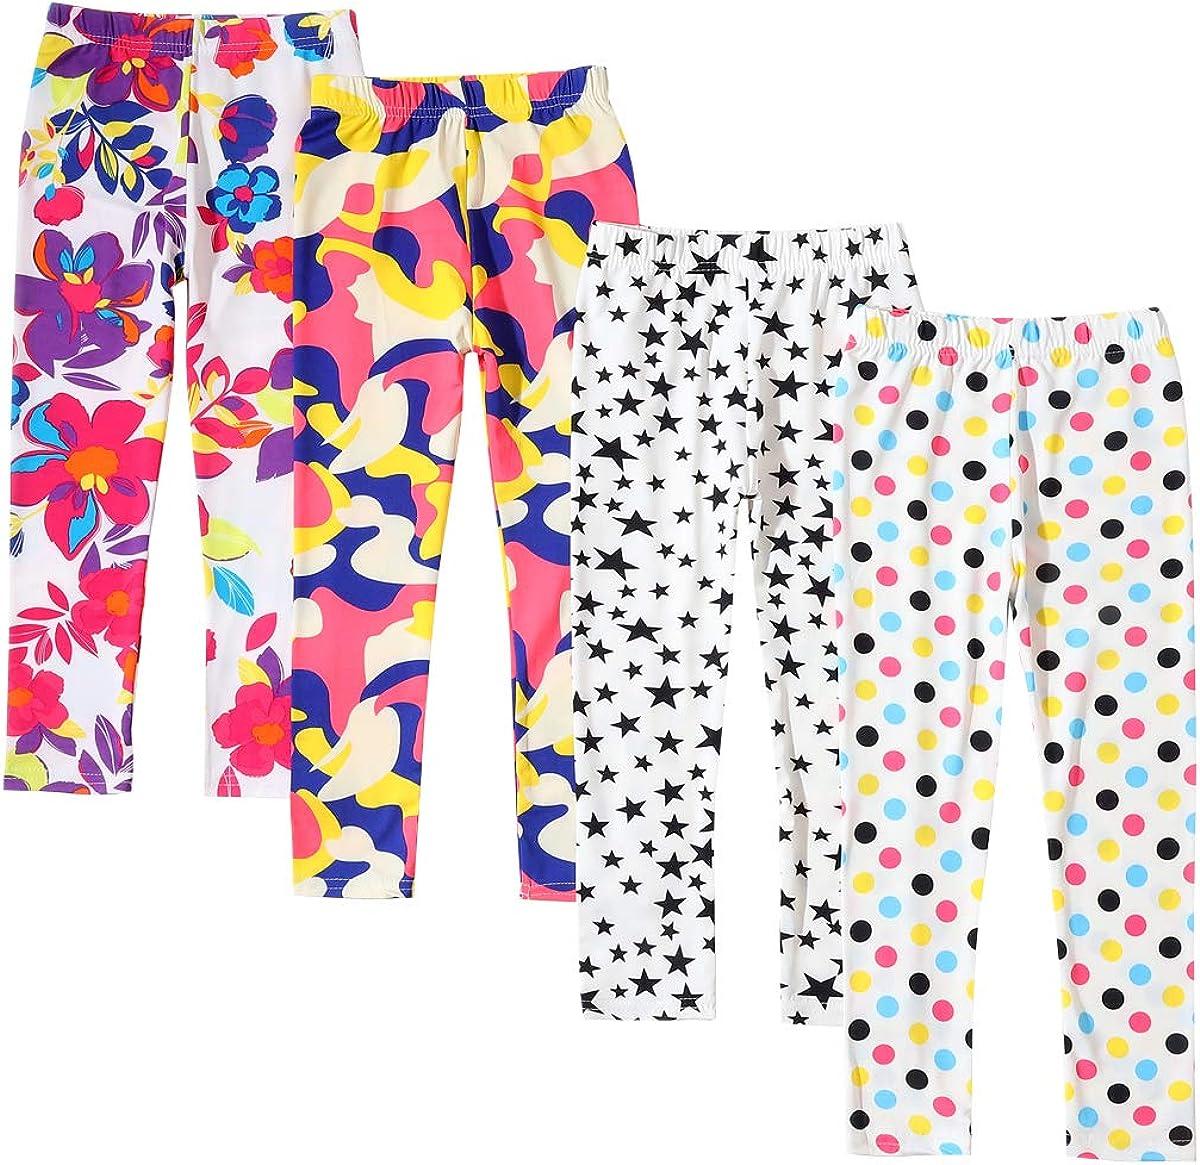 Mallas tobilleras para ni/ñas de 3 a 12 a/ños Allesgut paquete de 4 varios colores